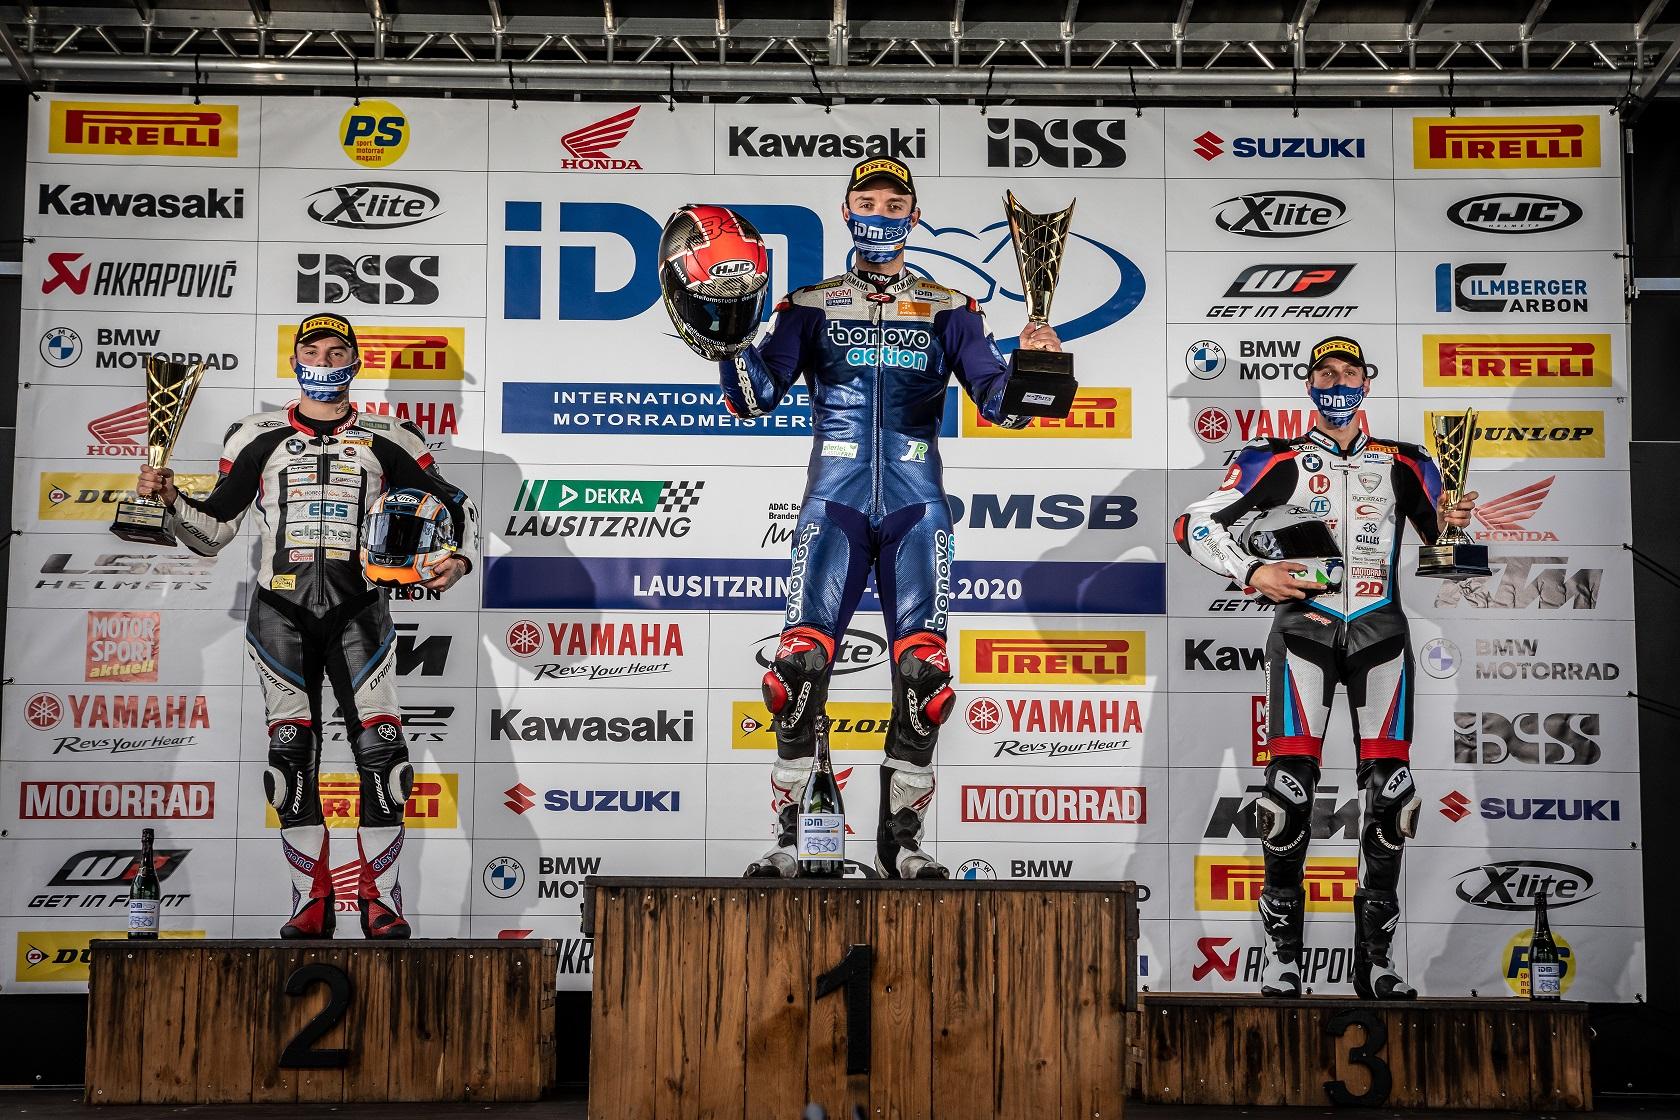 IDM Superbike 1000: Fünftes Rennen, fünfter Sieg für Folger